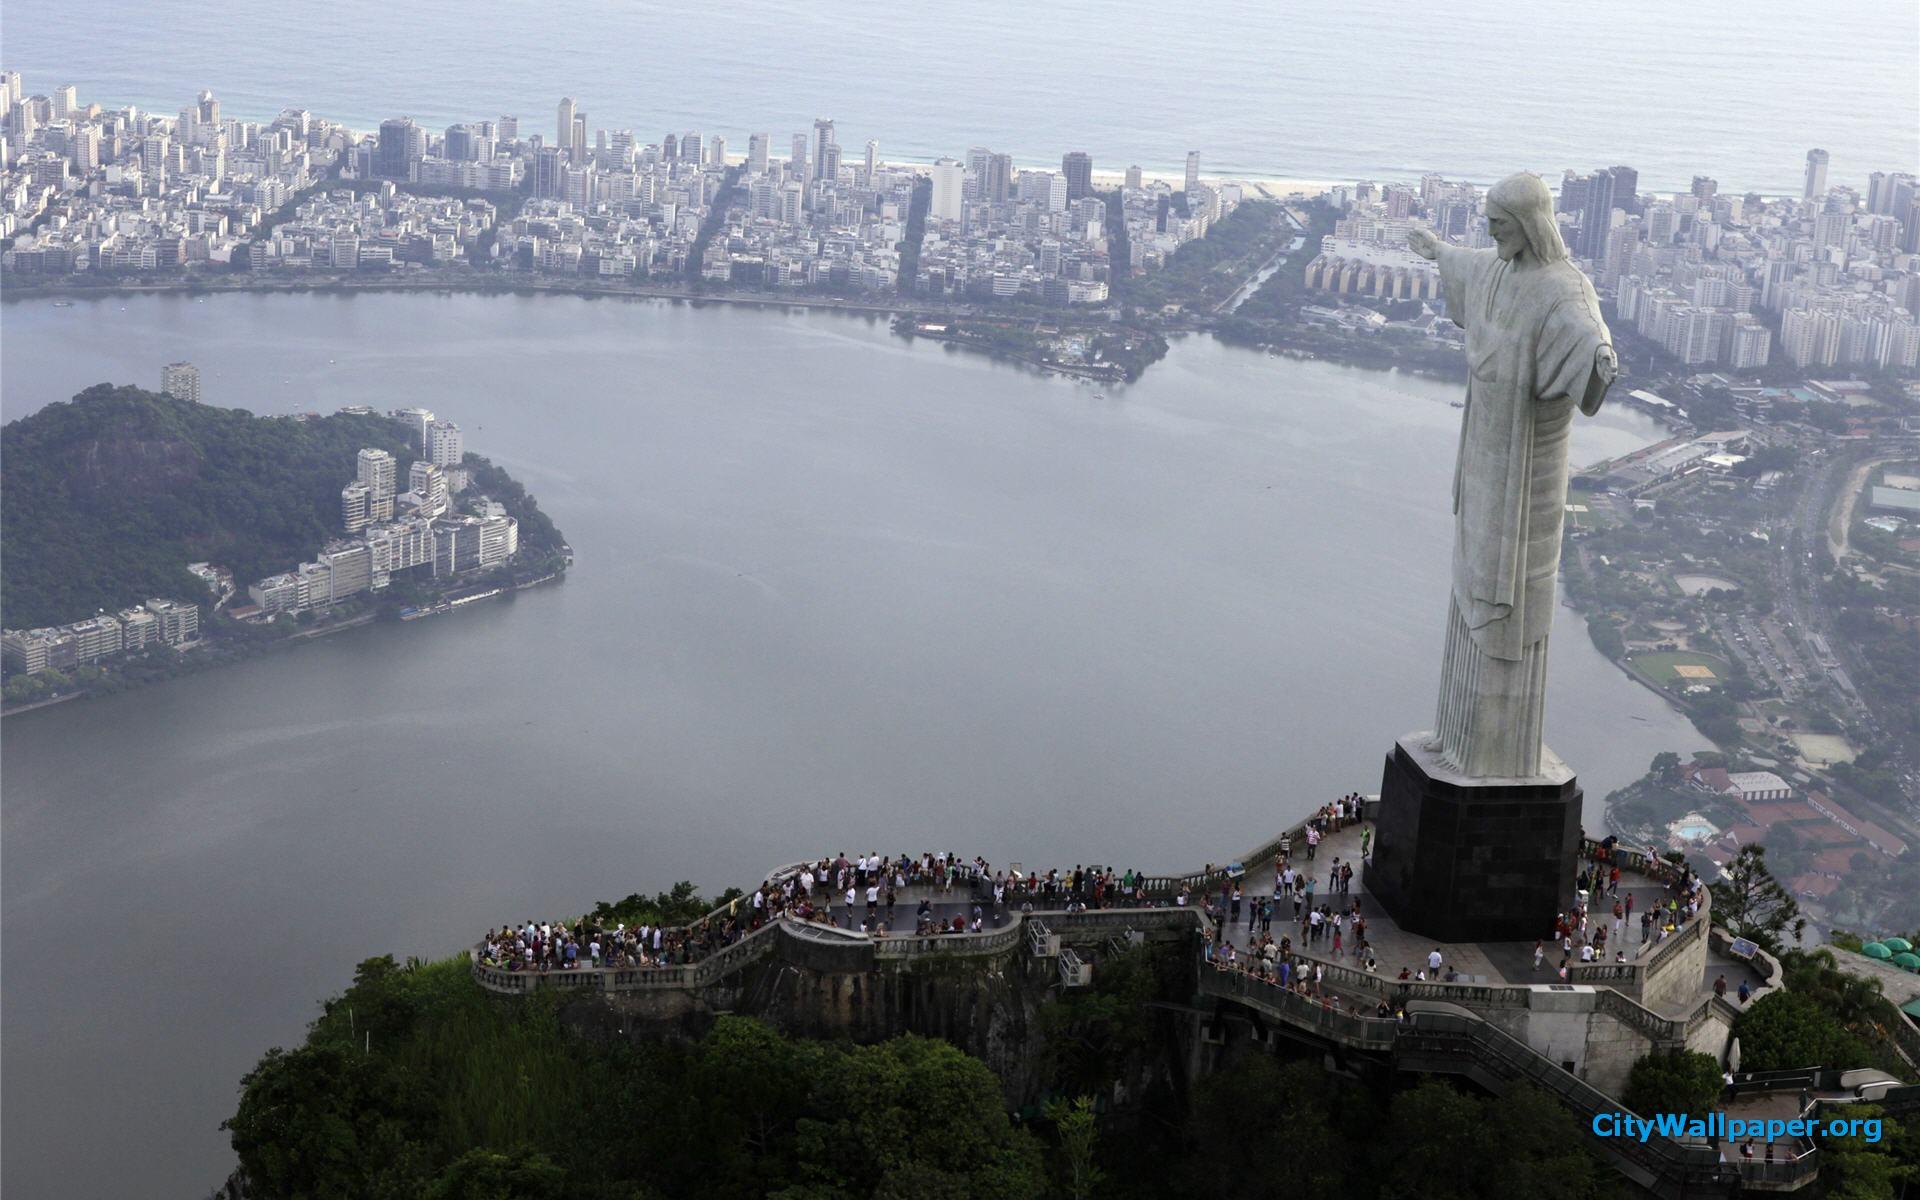 http://img-fotki.yandex.ru/get/6514/137106206.1e2/0_9ed8e_dcaaa65a_orig.jpg